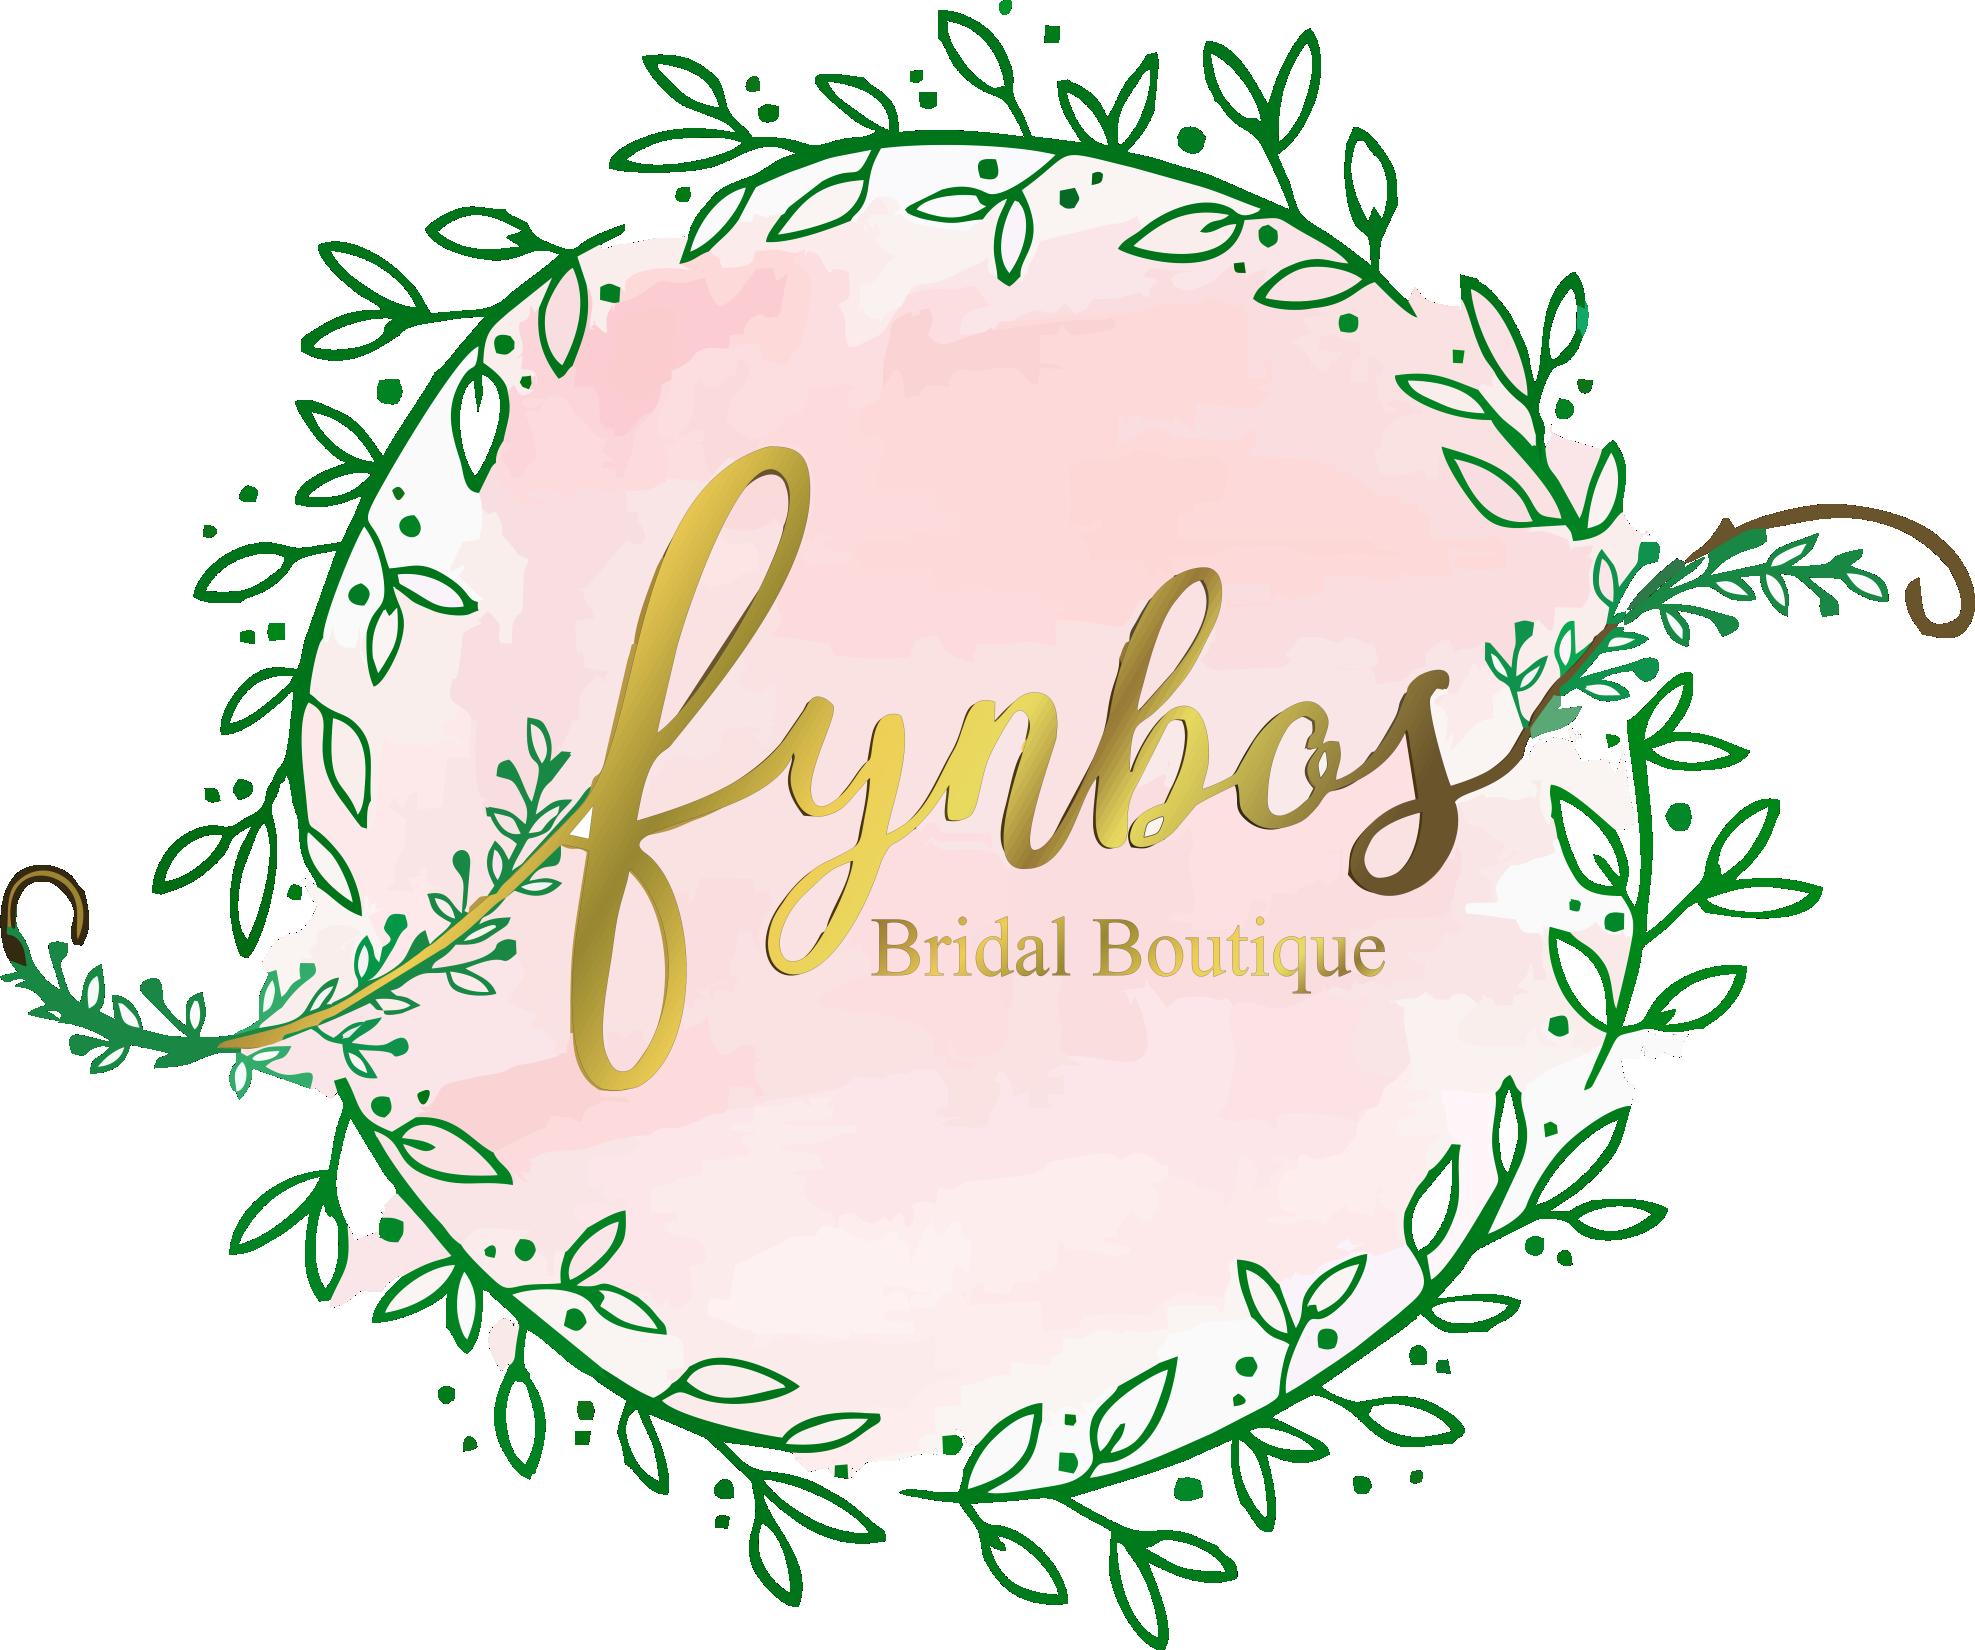 fynbos boutique